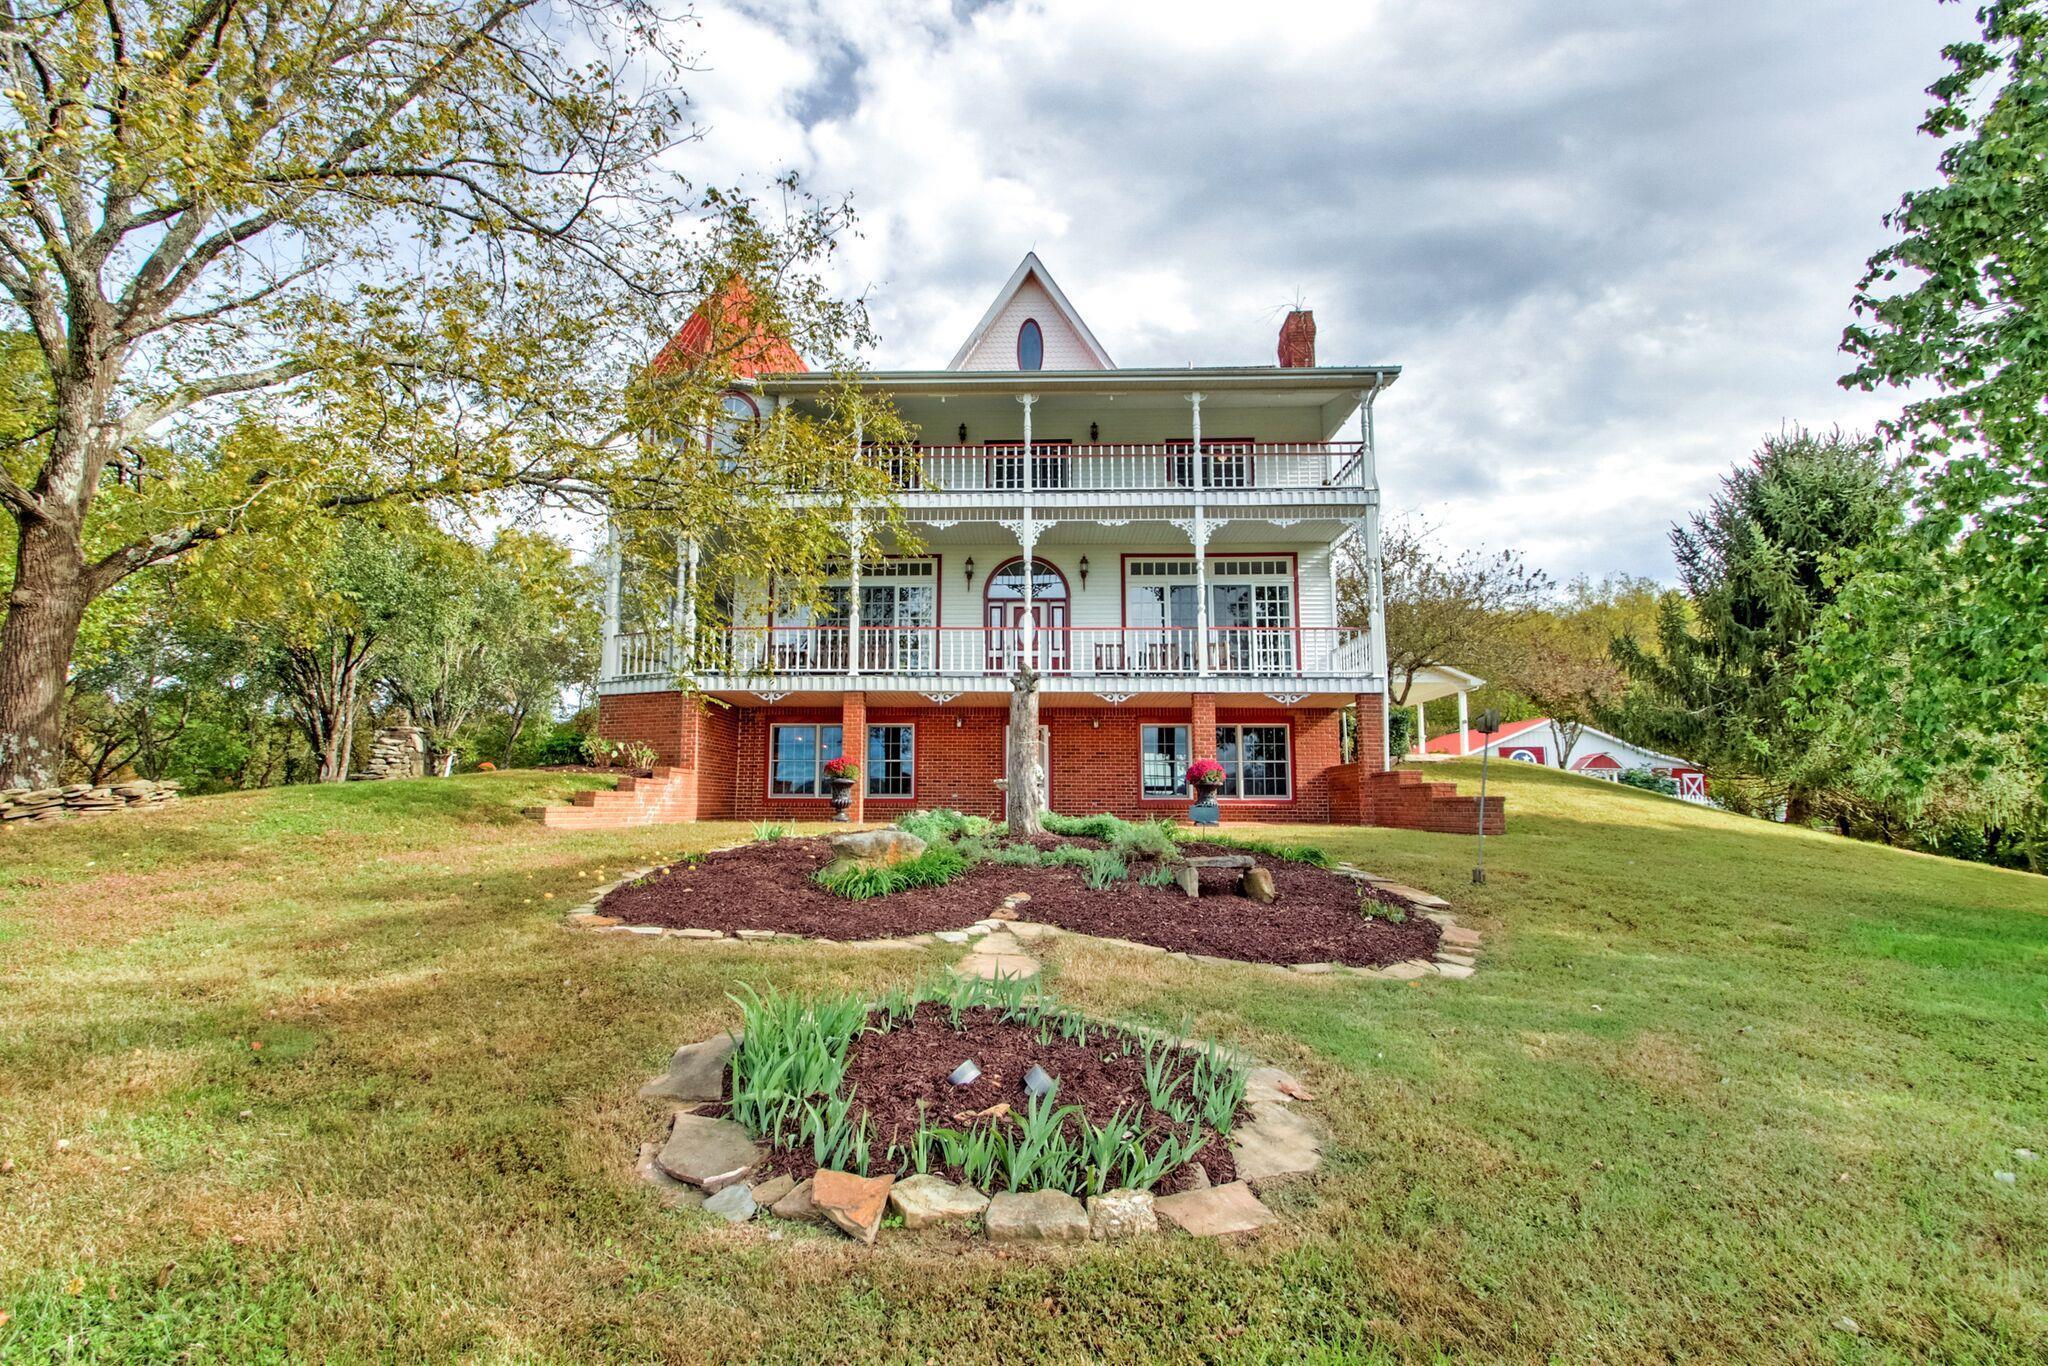 484 Walker Road South, Wartrace, TN 37183 - Wartrace, TN real estate listing